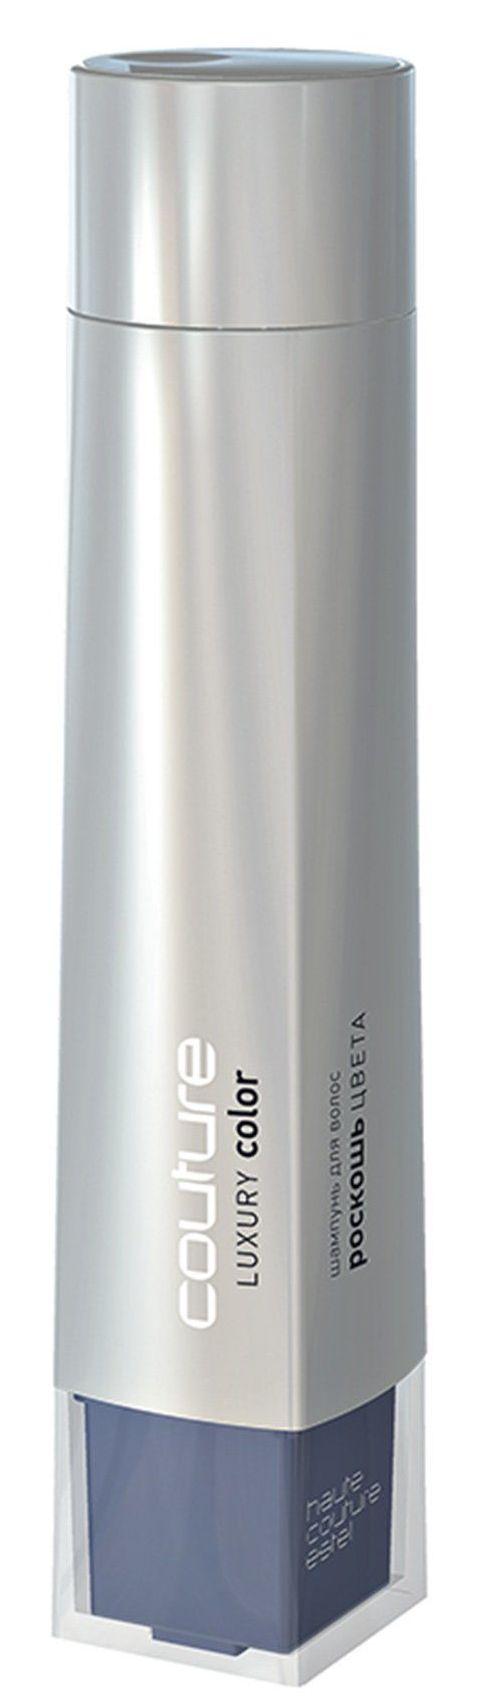 ESTEL HAUTE COUTURE Шампунь для волос / LUXURY COLOR 250 мл